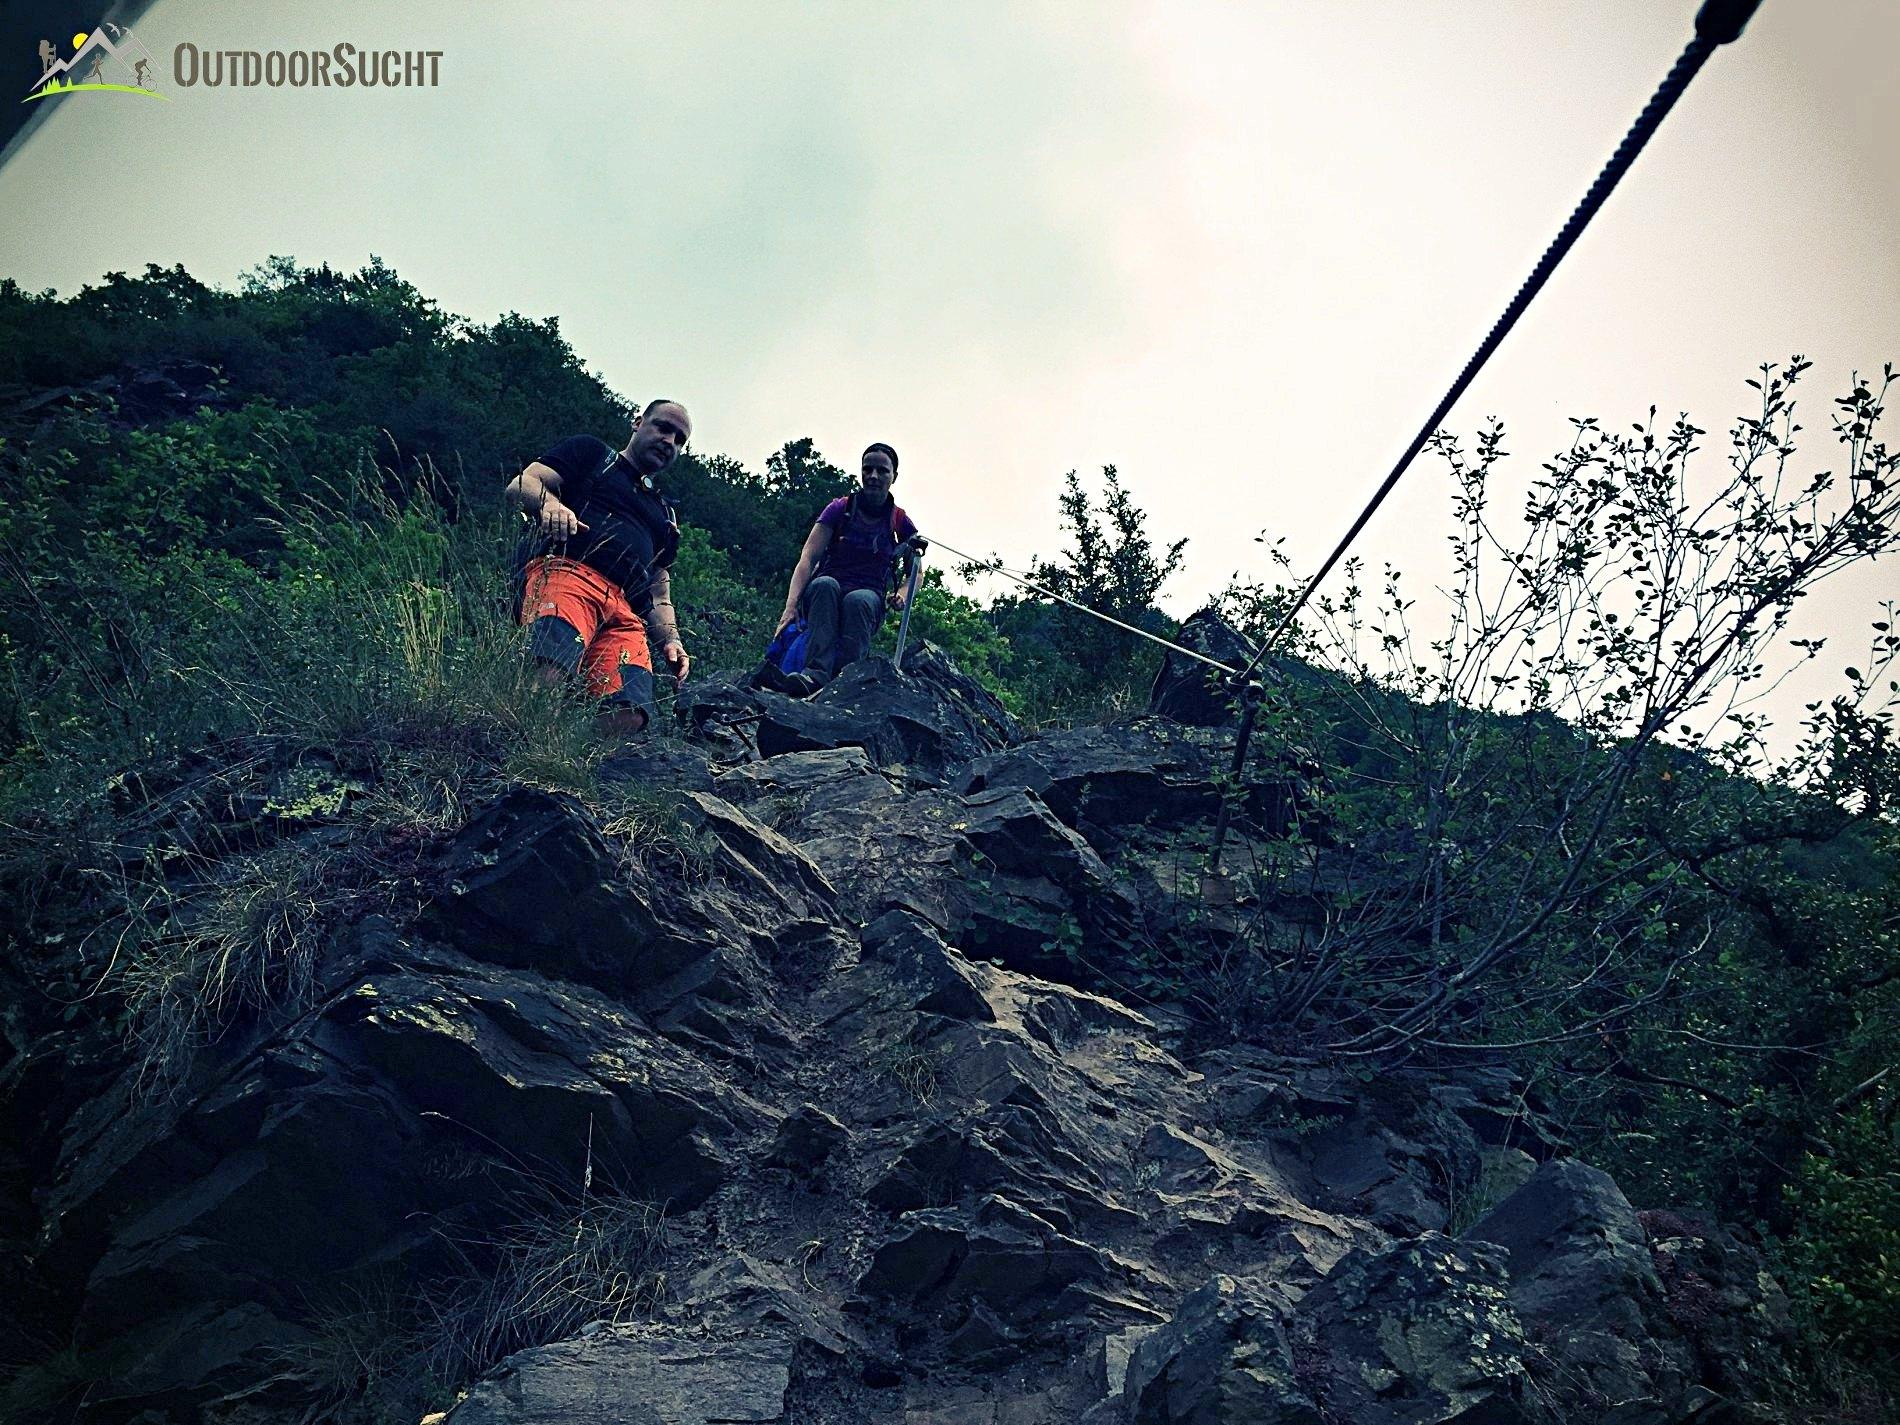 Klettersteig Mosel : Calmont klettersteig die moselsteig etappe mit nervenkitzel